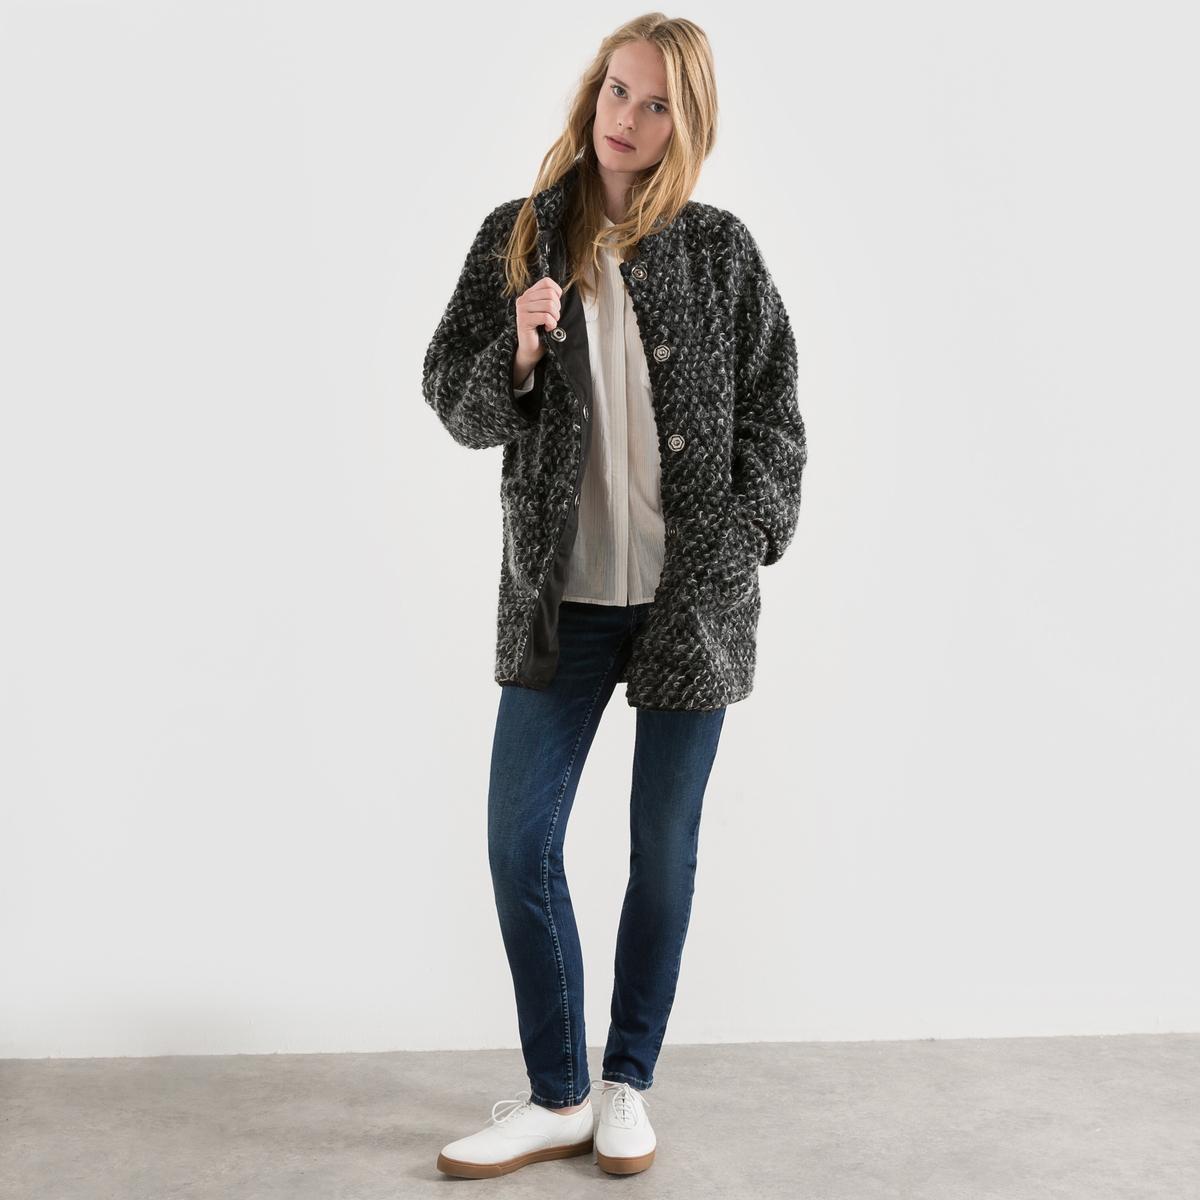 Пальто Gemmalia Wool MixСостав и описание :Марка : FREEMAN T. PORTER.Модель : Gemmalia Wool Mix.Материал     : 65% шерсть, 30% полиэстер, 5% мохер - Подкладка 100% полиэстерУход :Только сухая чистка.<br><br>Цвет: черный<br>Размер: S